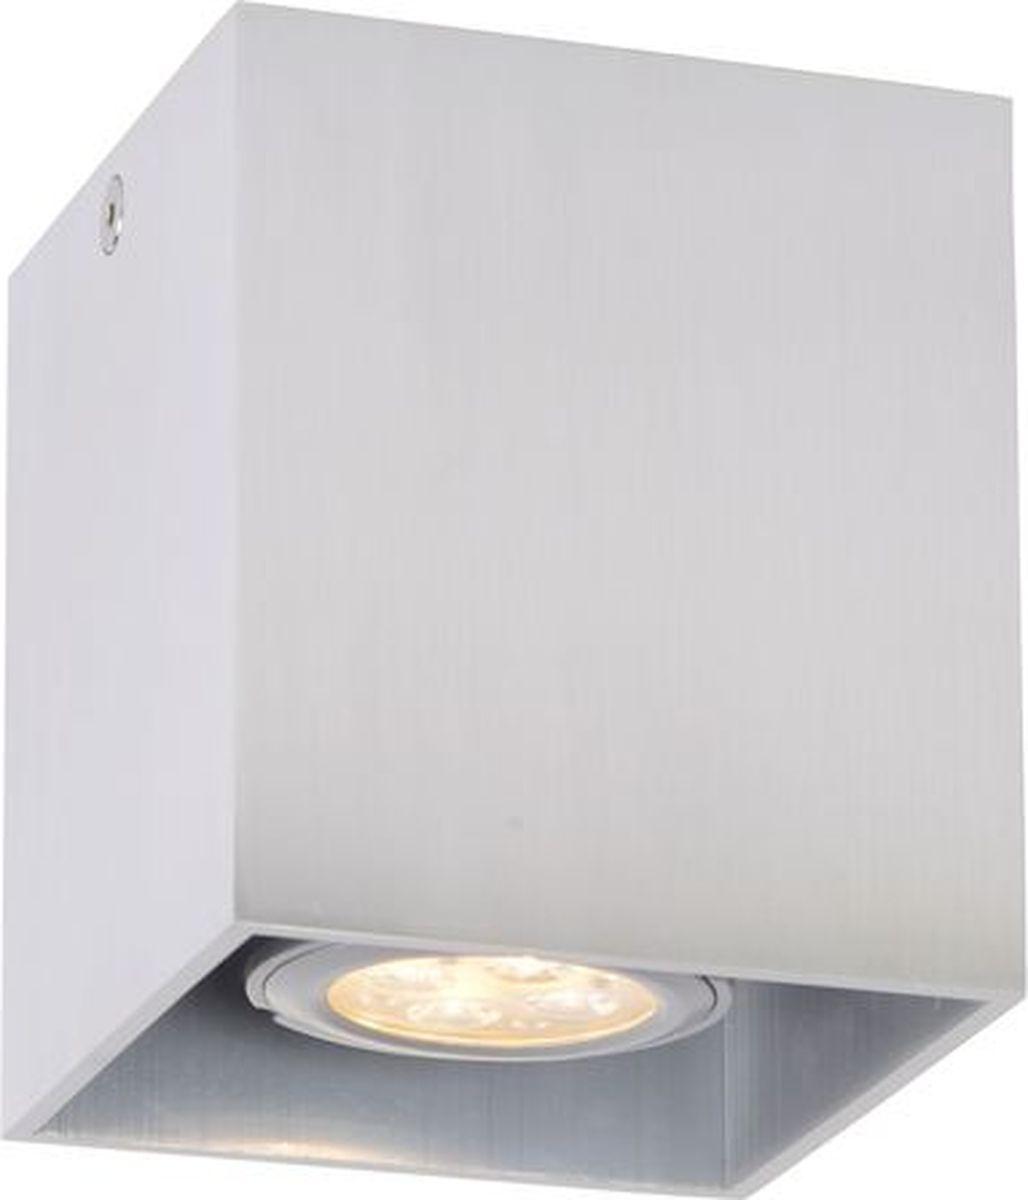 Светильник потолочный Lucide Bodi, цвет: хром, GU10, 50 Вт. 09101/01/1209101/01/12